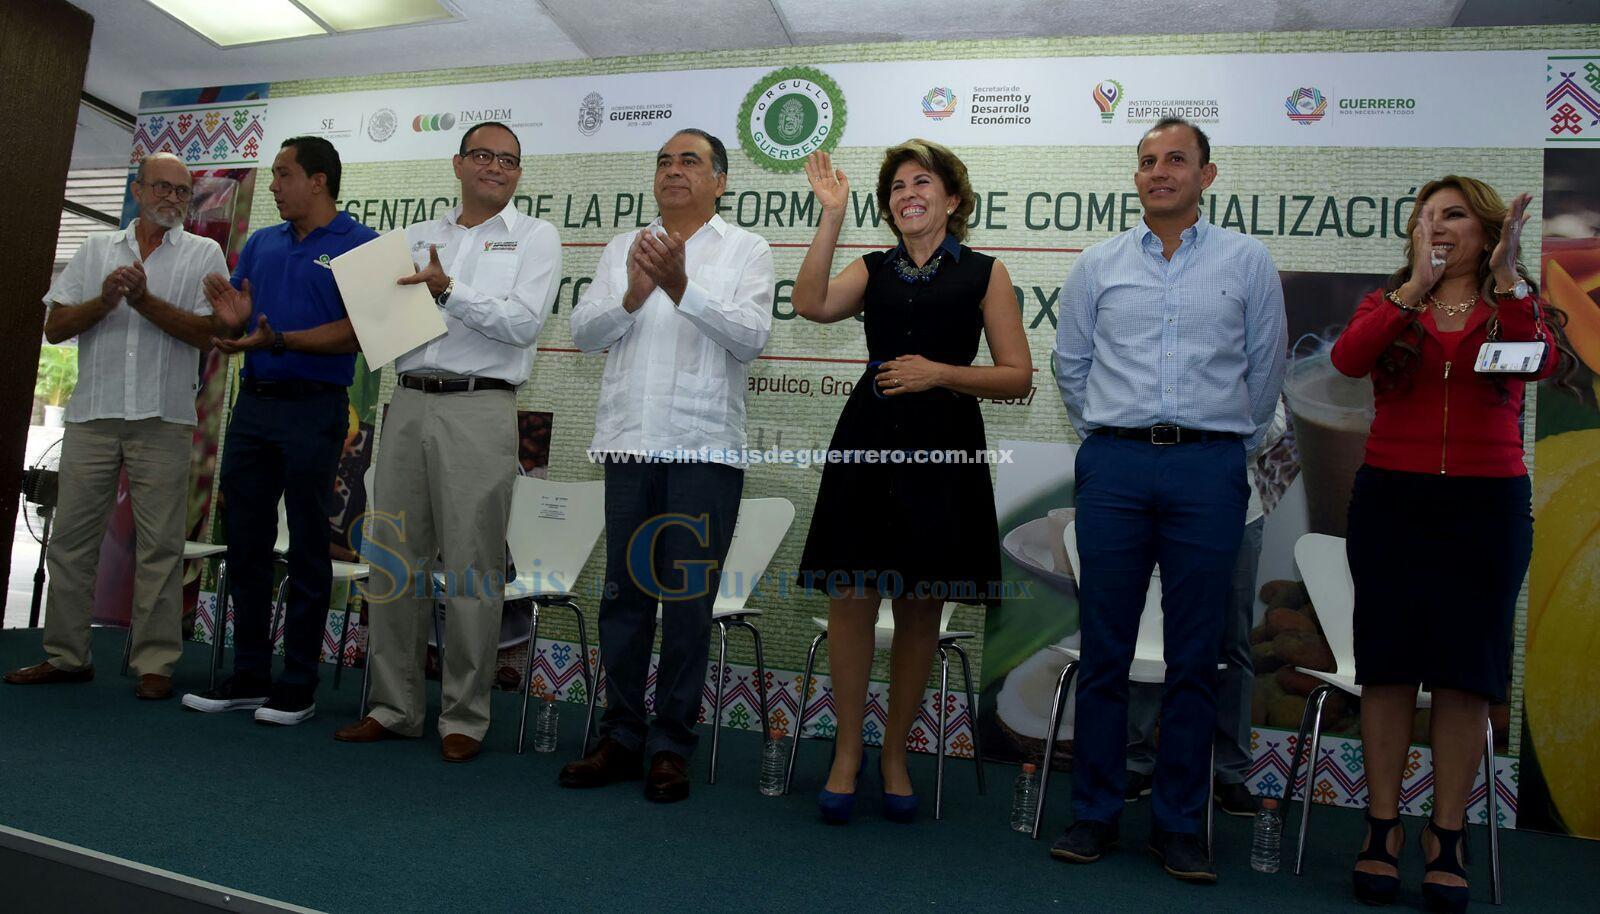 (Video) Ponen en marcha Héctor Astudillo y su esposa el sitio orgulloguerrero.mx